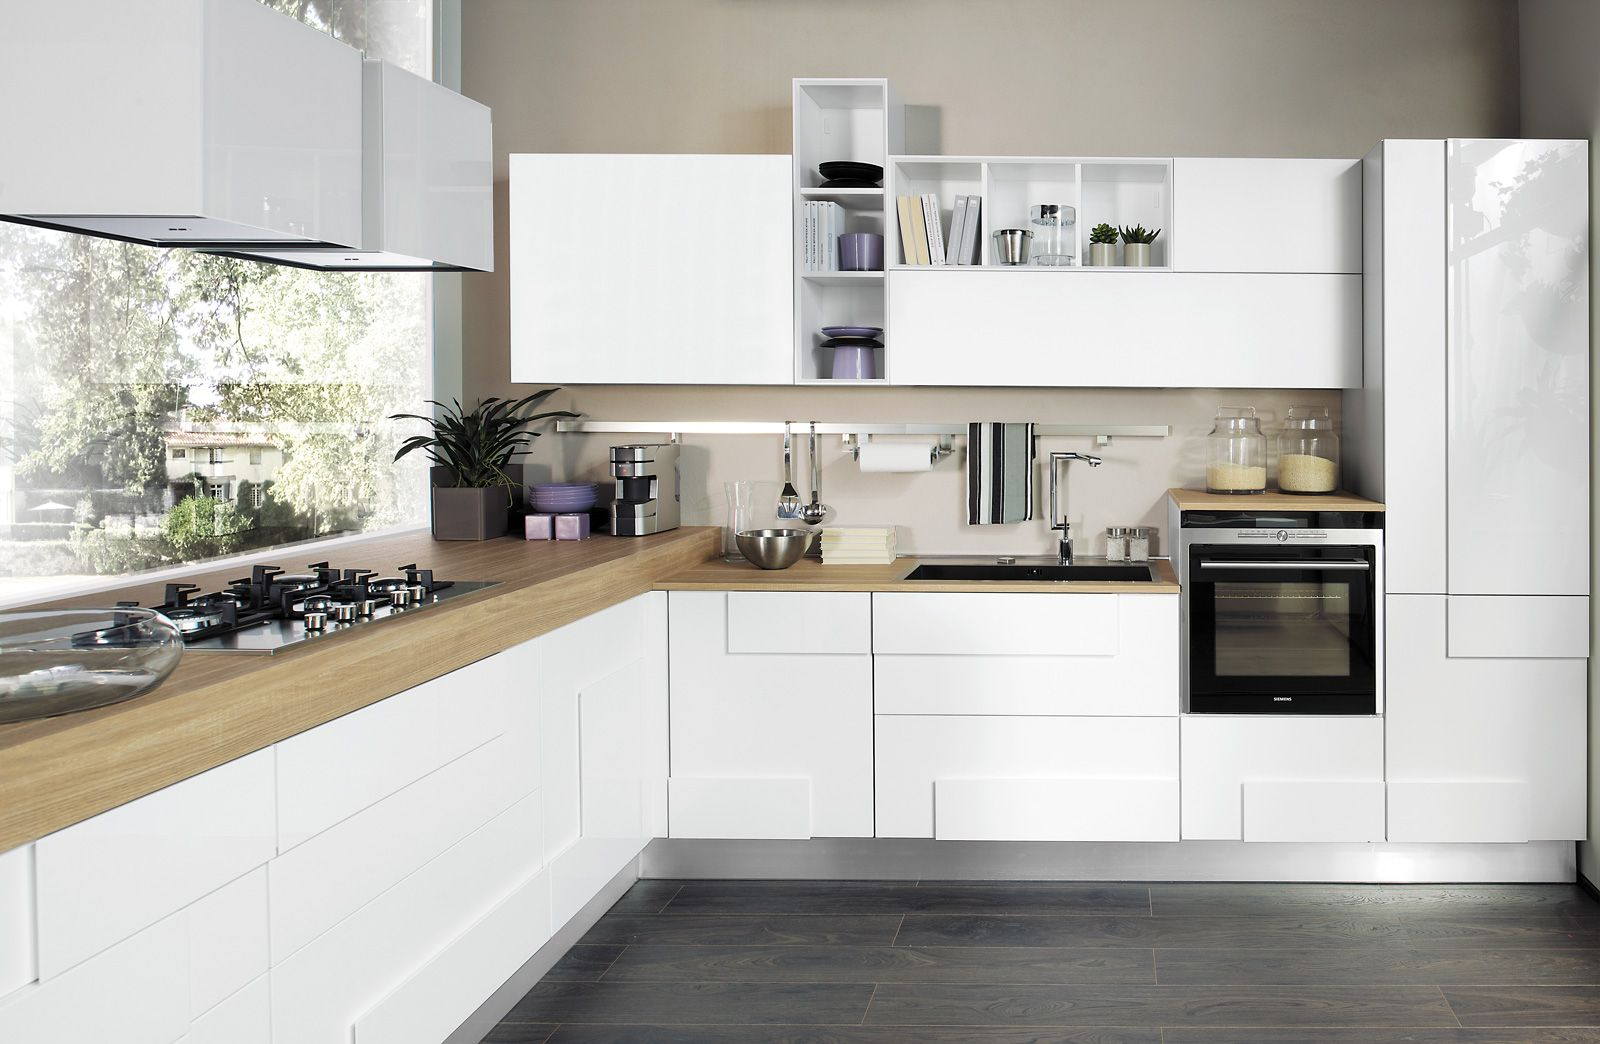 Tanto bianco e la cucina raddoppia visivamente | Arredamento ...